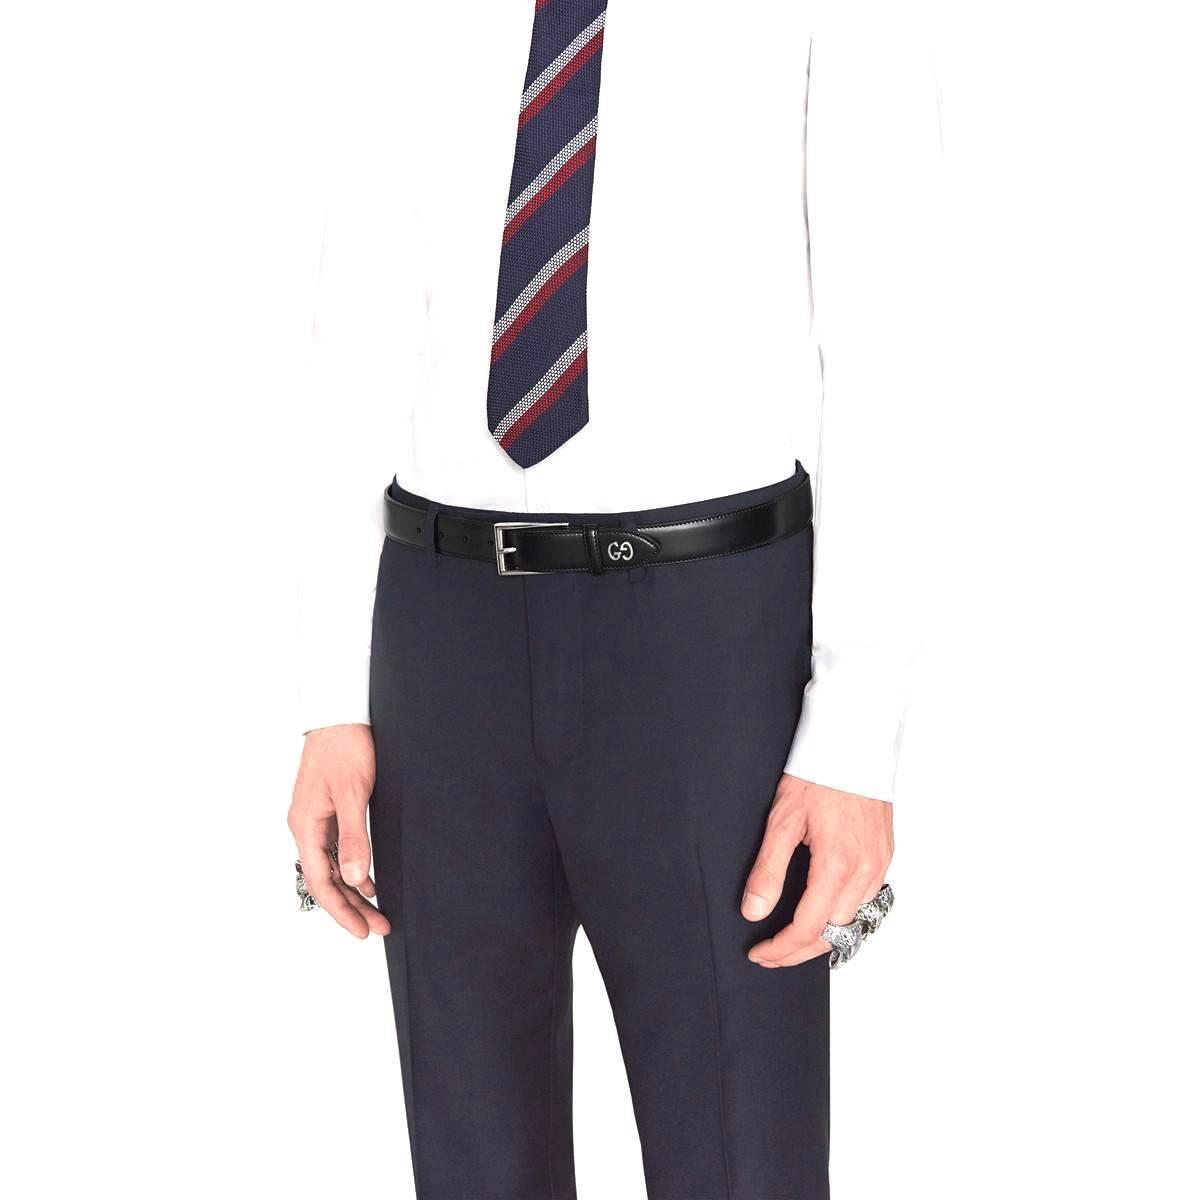 Thắt lưng Gucci nam authentic dành cho các vị doanh nhân